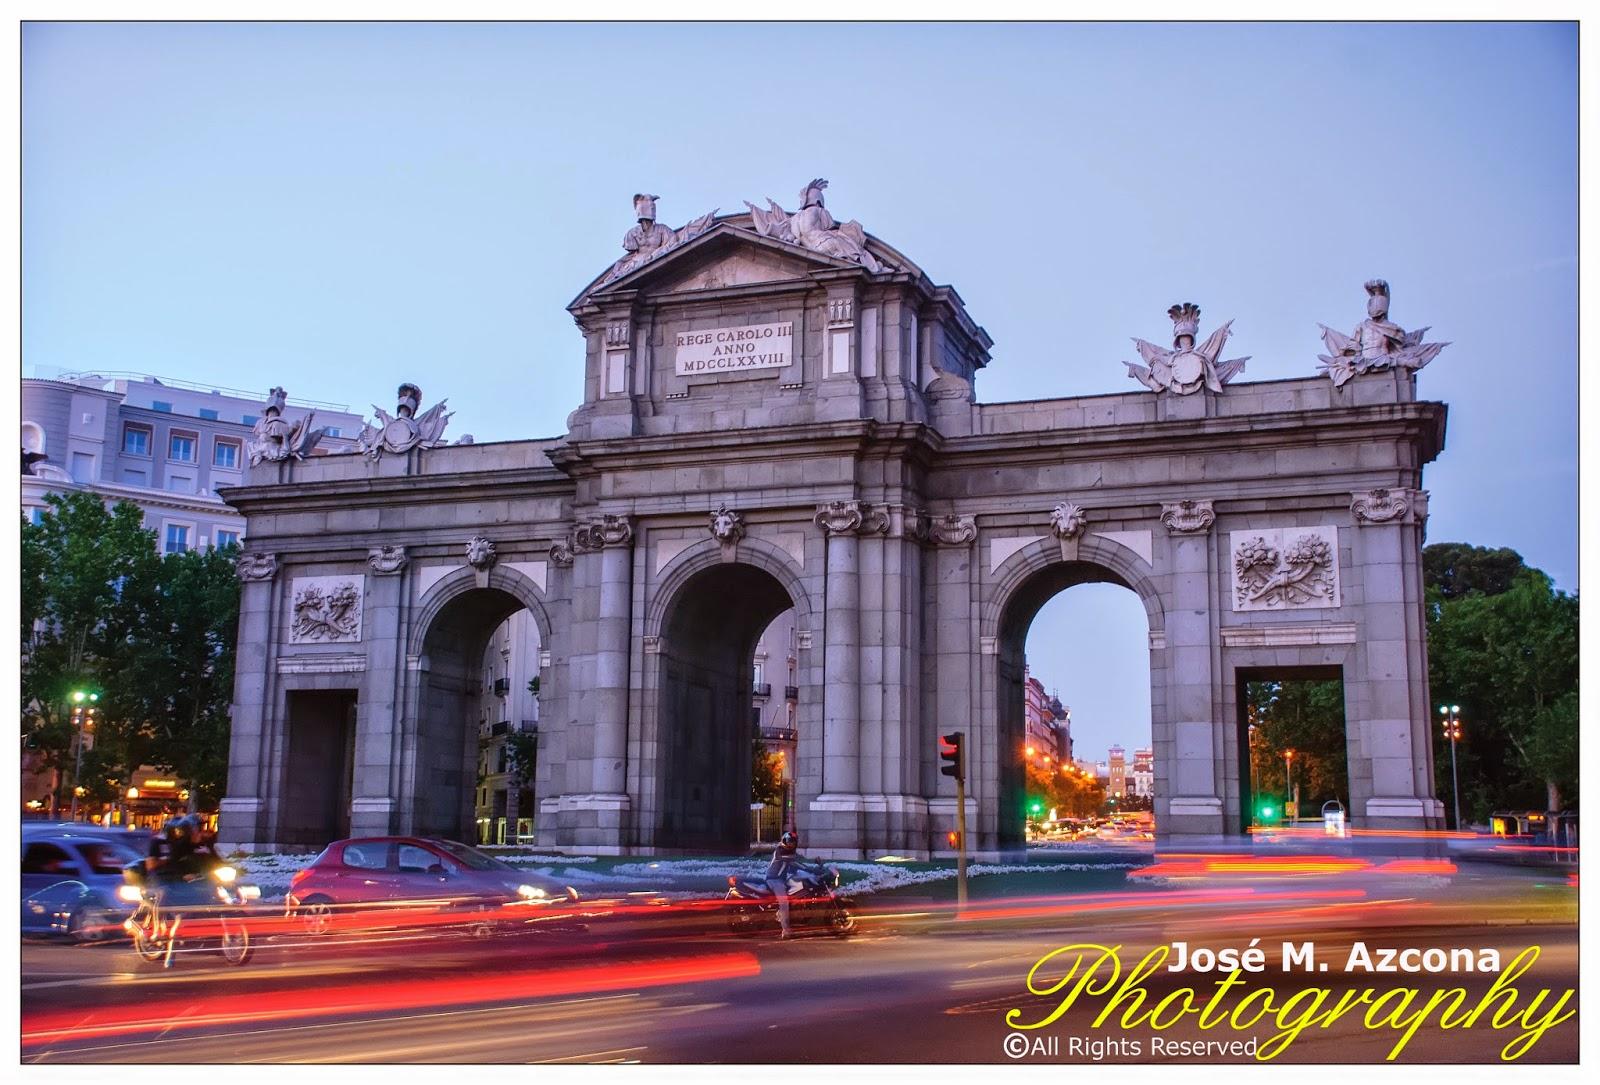 Puerta de Alcalá al crepúsculo.